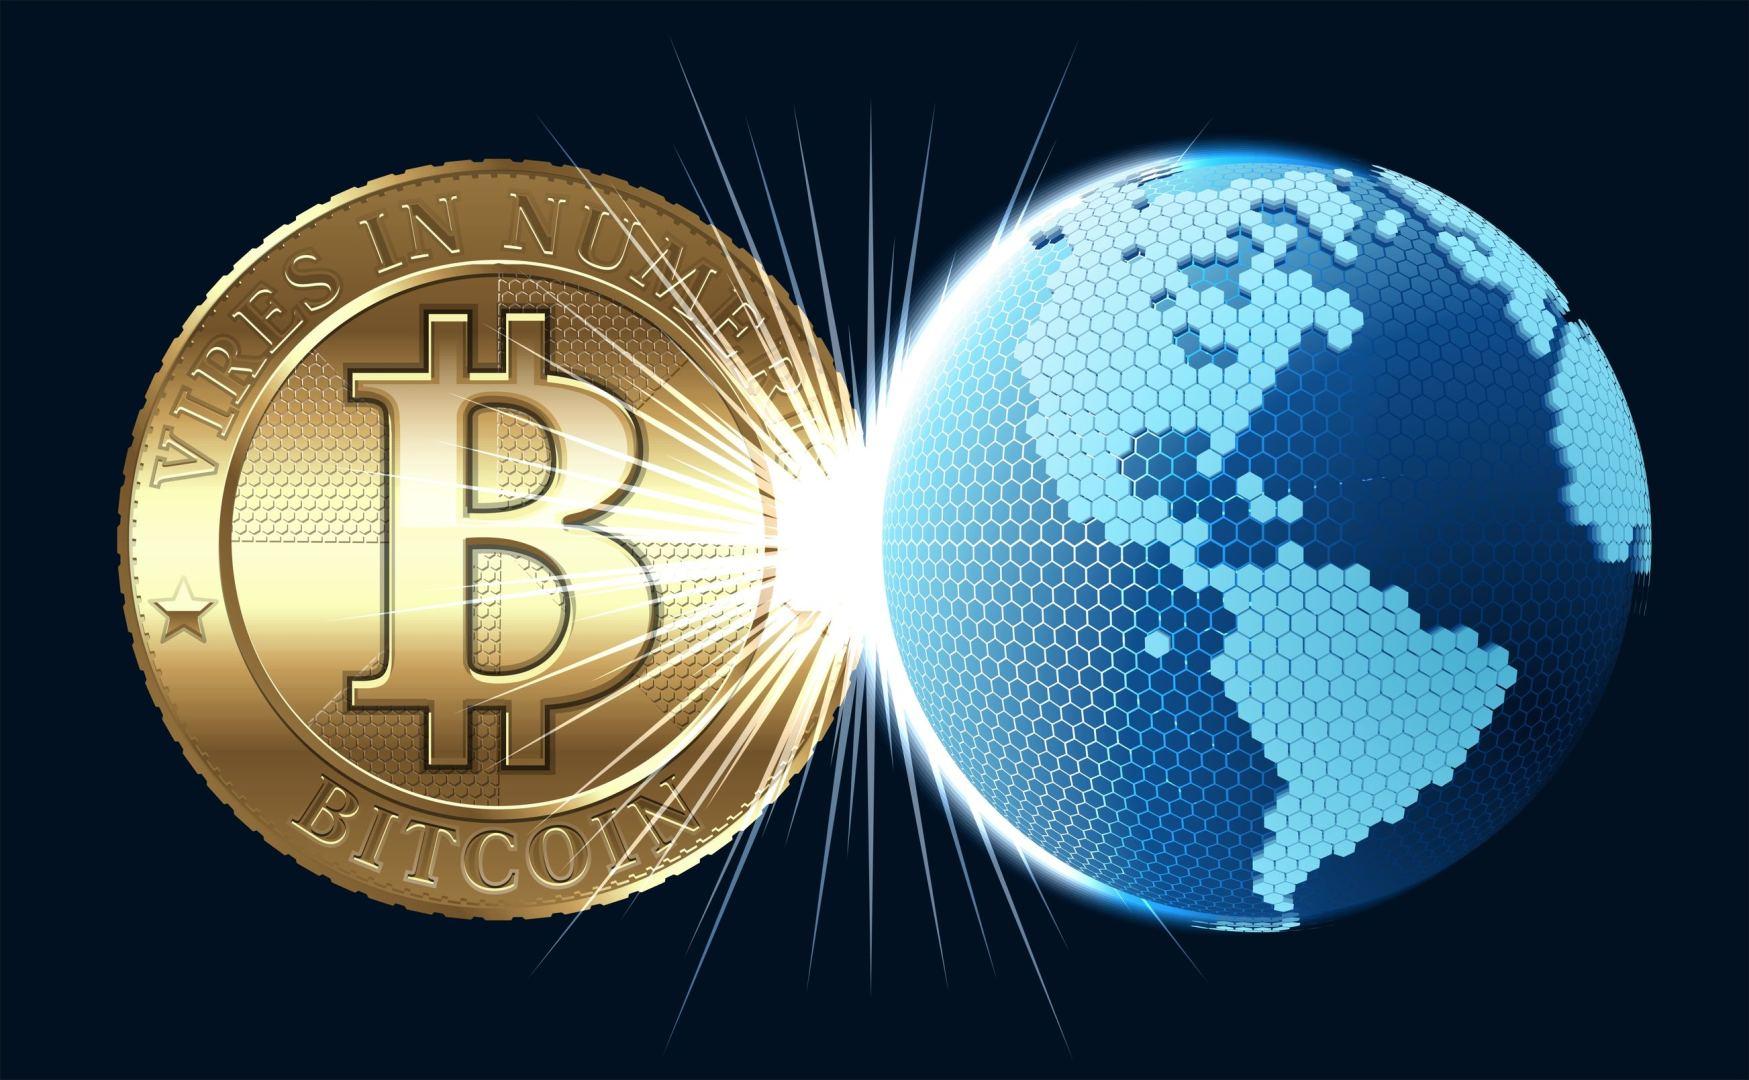 kripto prekybos pasaulis virtualios prekybos sąskaitos